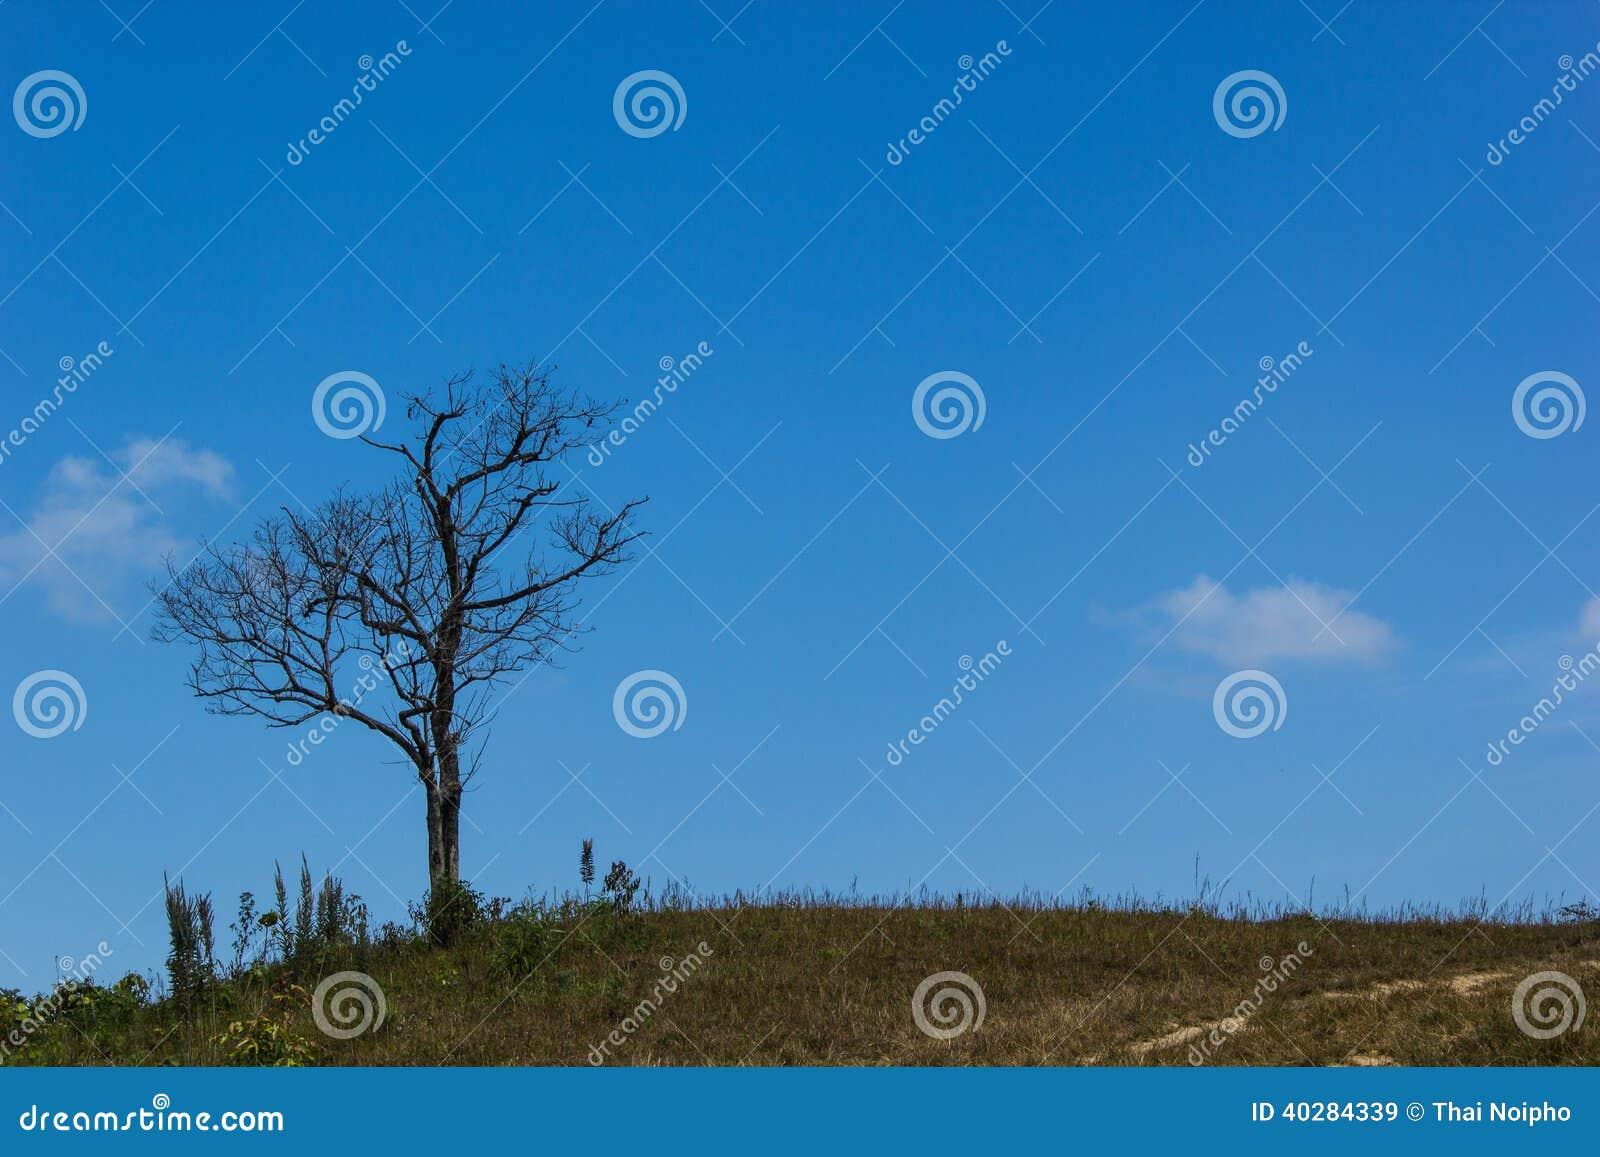 След выходит деревья